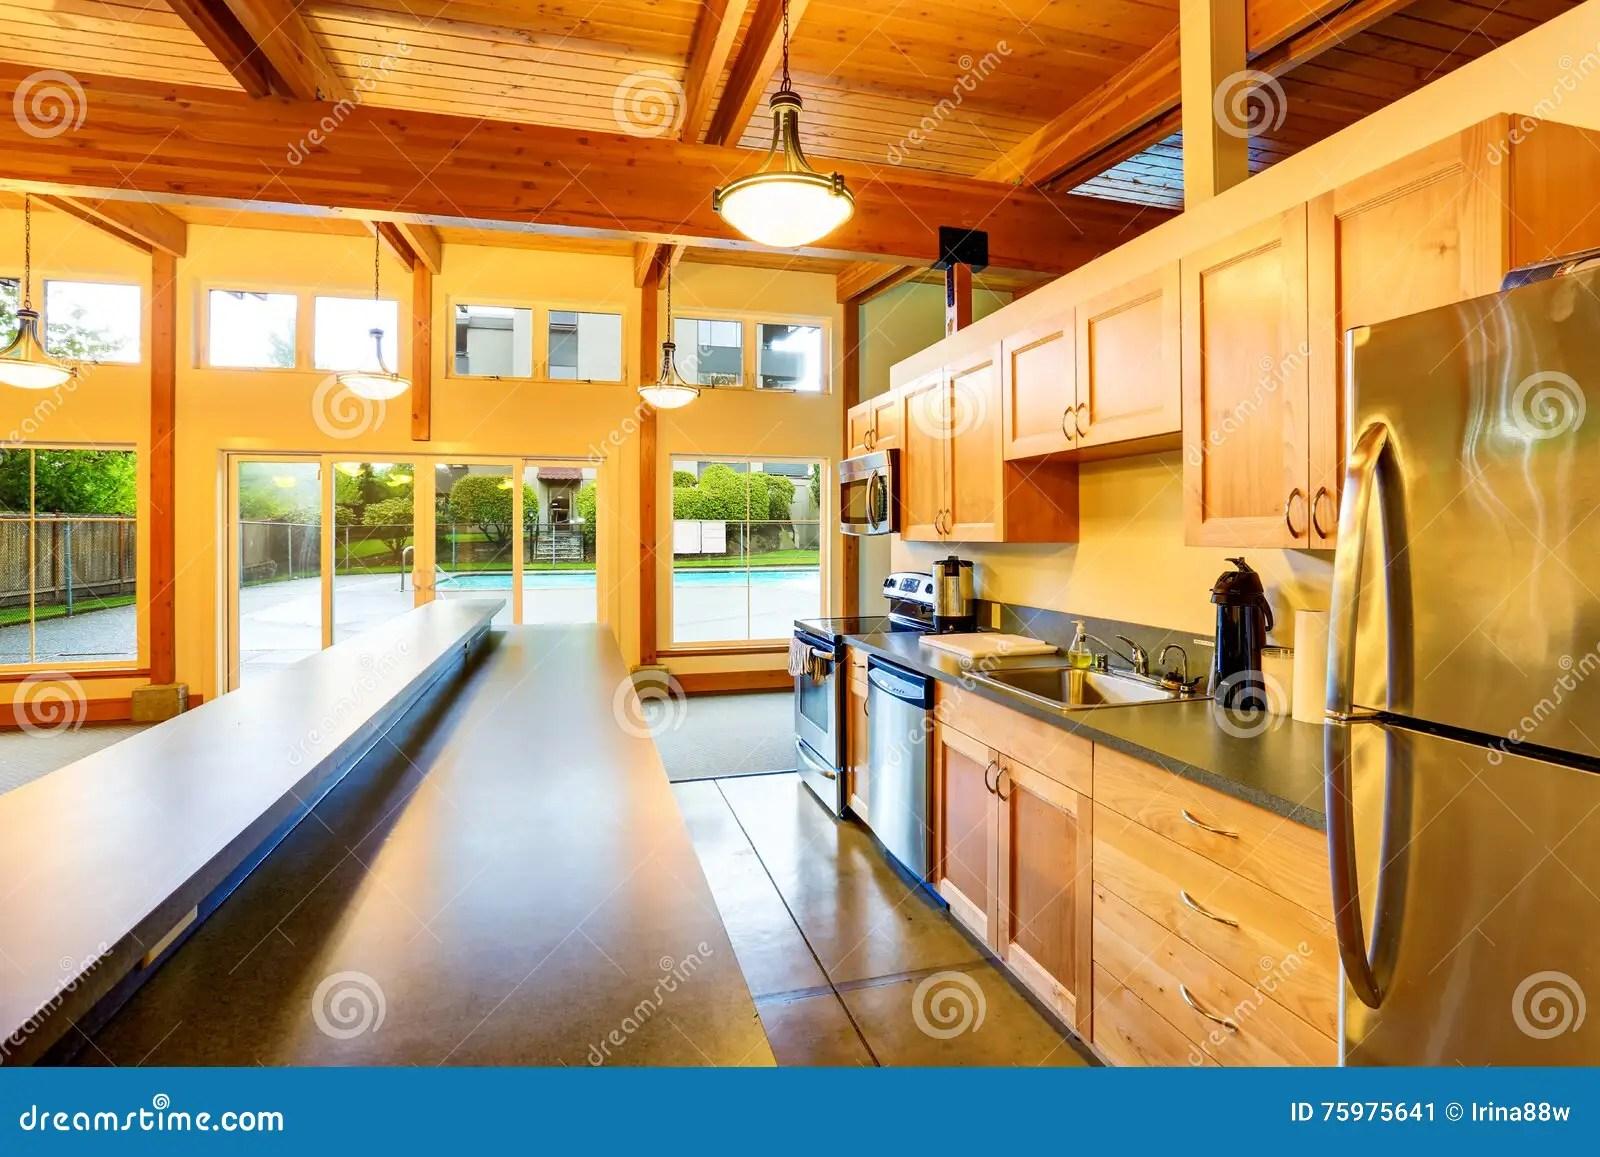 backyard kitchen designs outdoor kitchens ideas 空心肋板计划厨房室退出对后院游泳池库存图片 图片包括有现代 凳子 空心肋板计划厨房室退出对后院游泳池